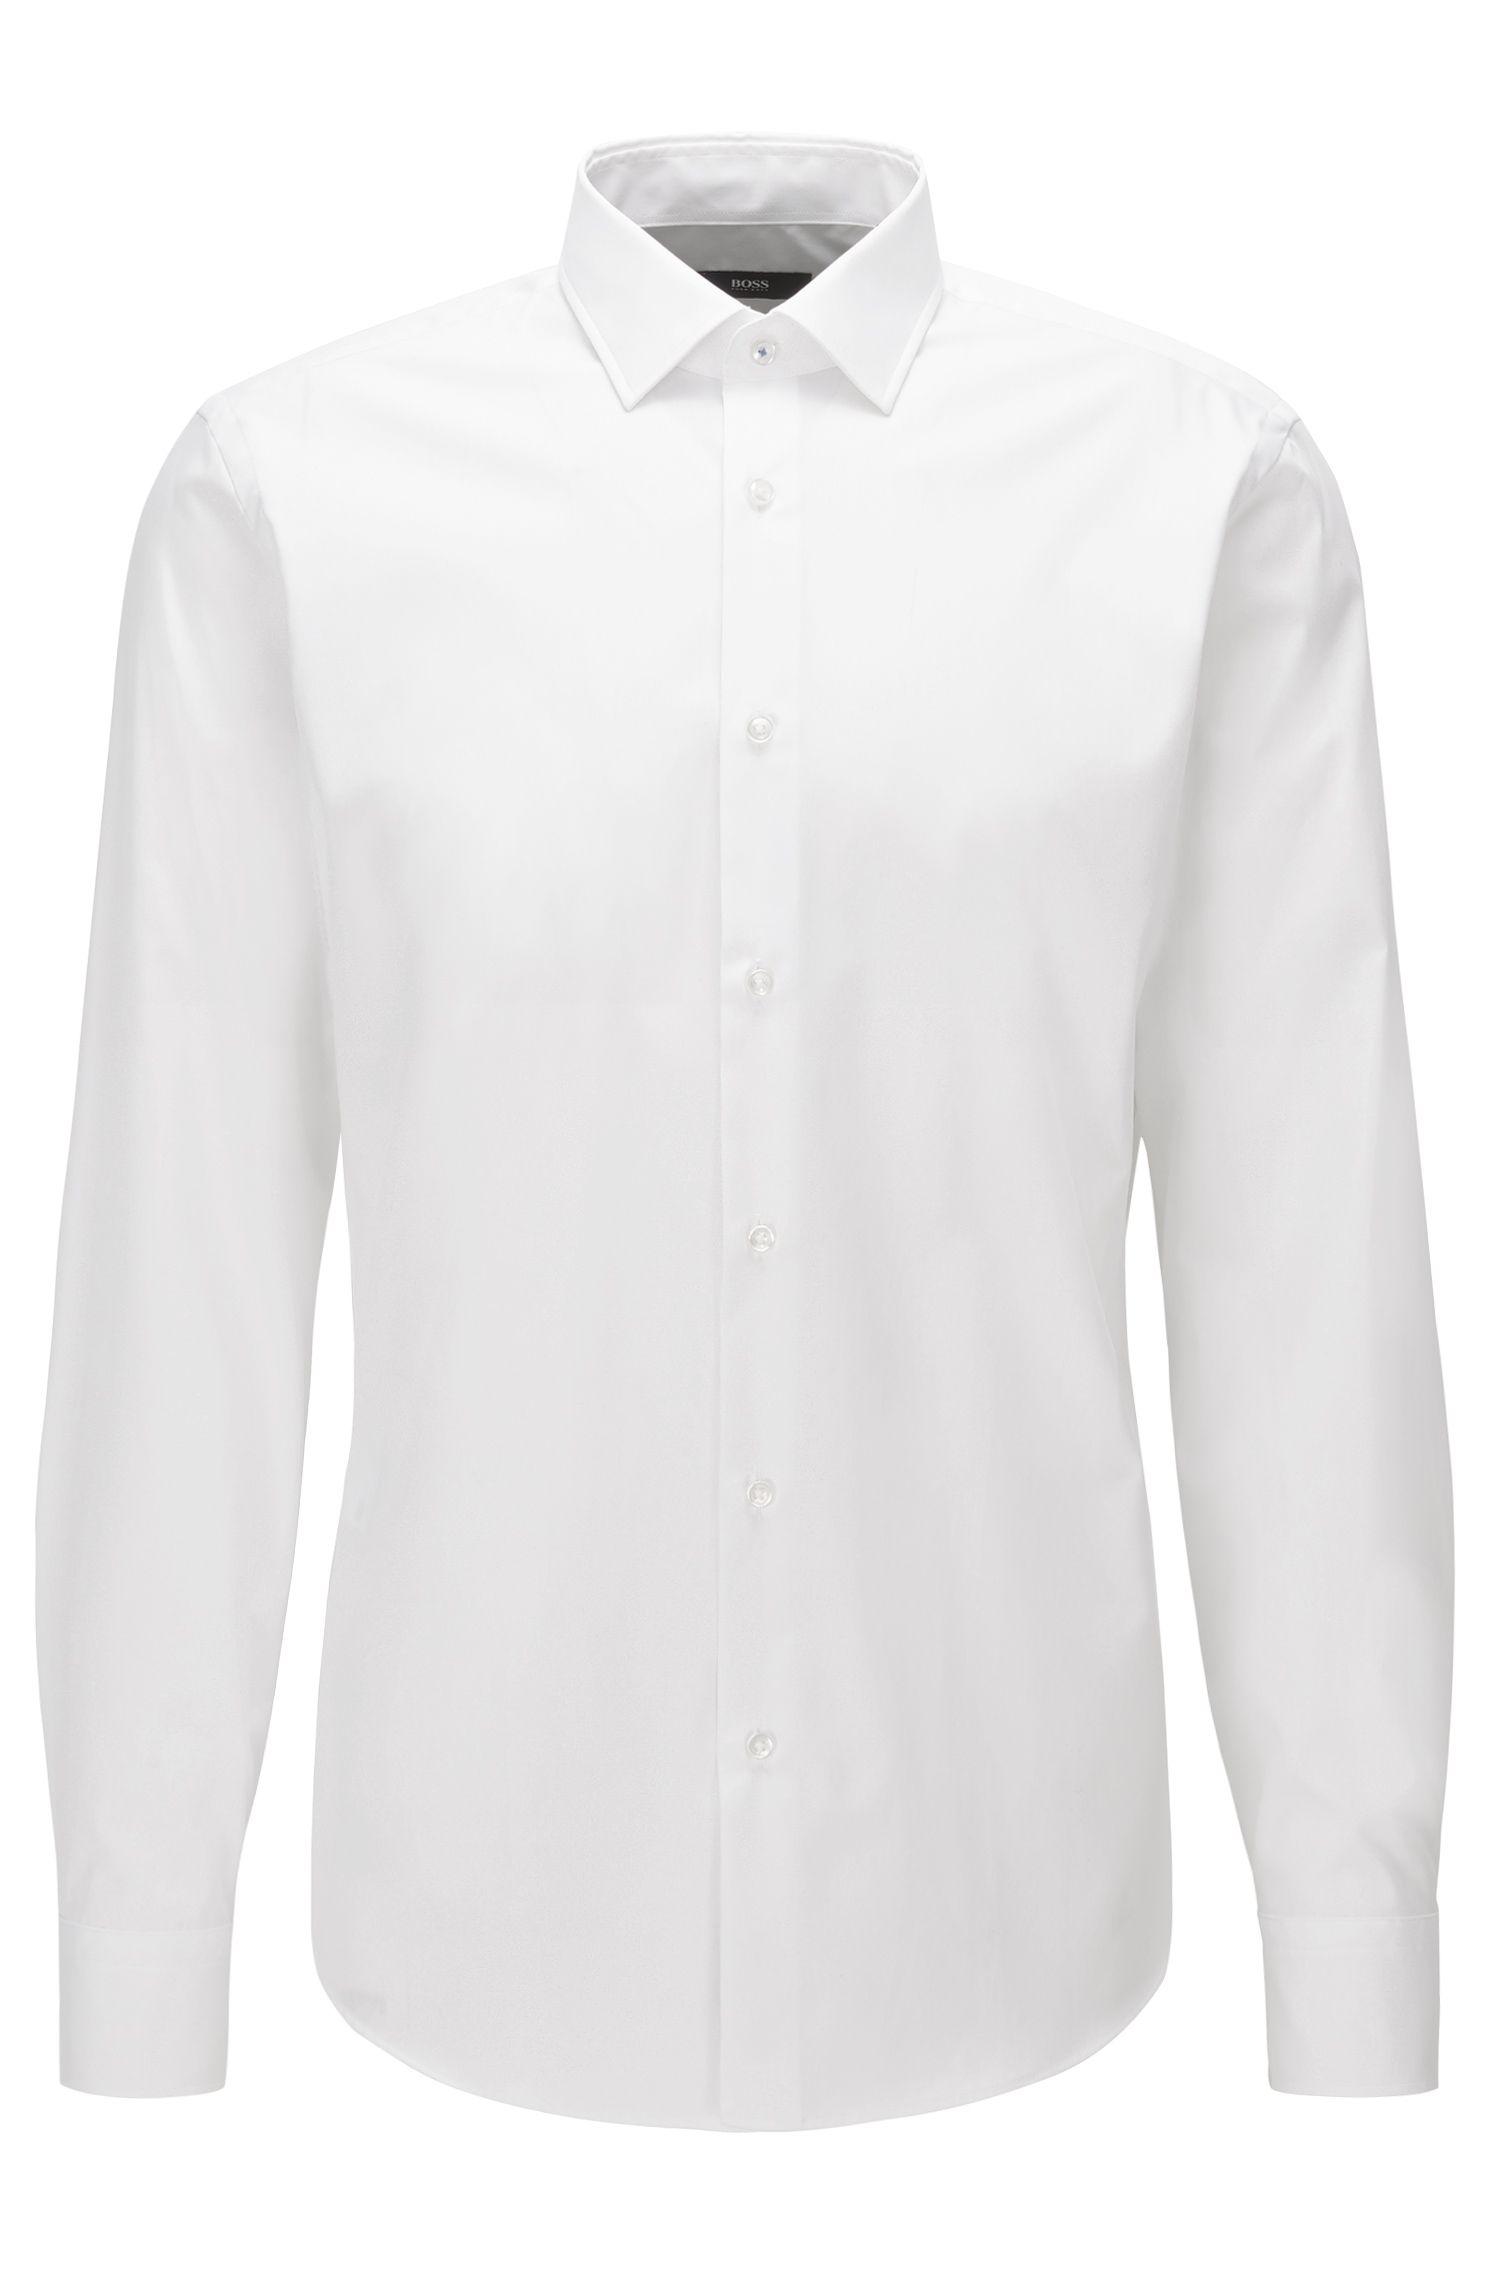 Camicia regular fit in cotone facile da stirare realizzato in Austria